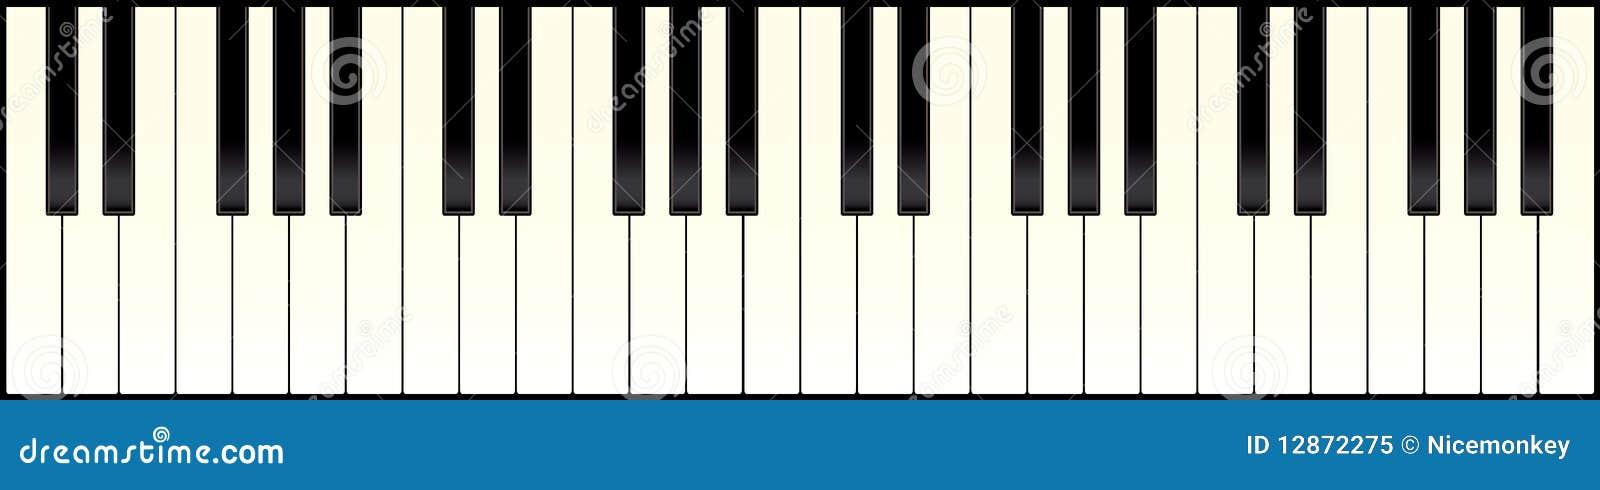 clavier de piano long photo libre de droits image 12872275. Black Bedroom Furniture Sets. Home Design Ideas